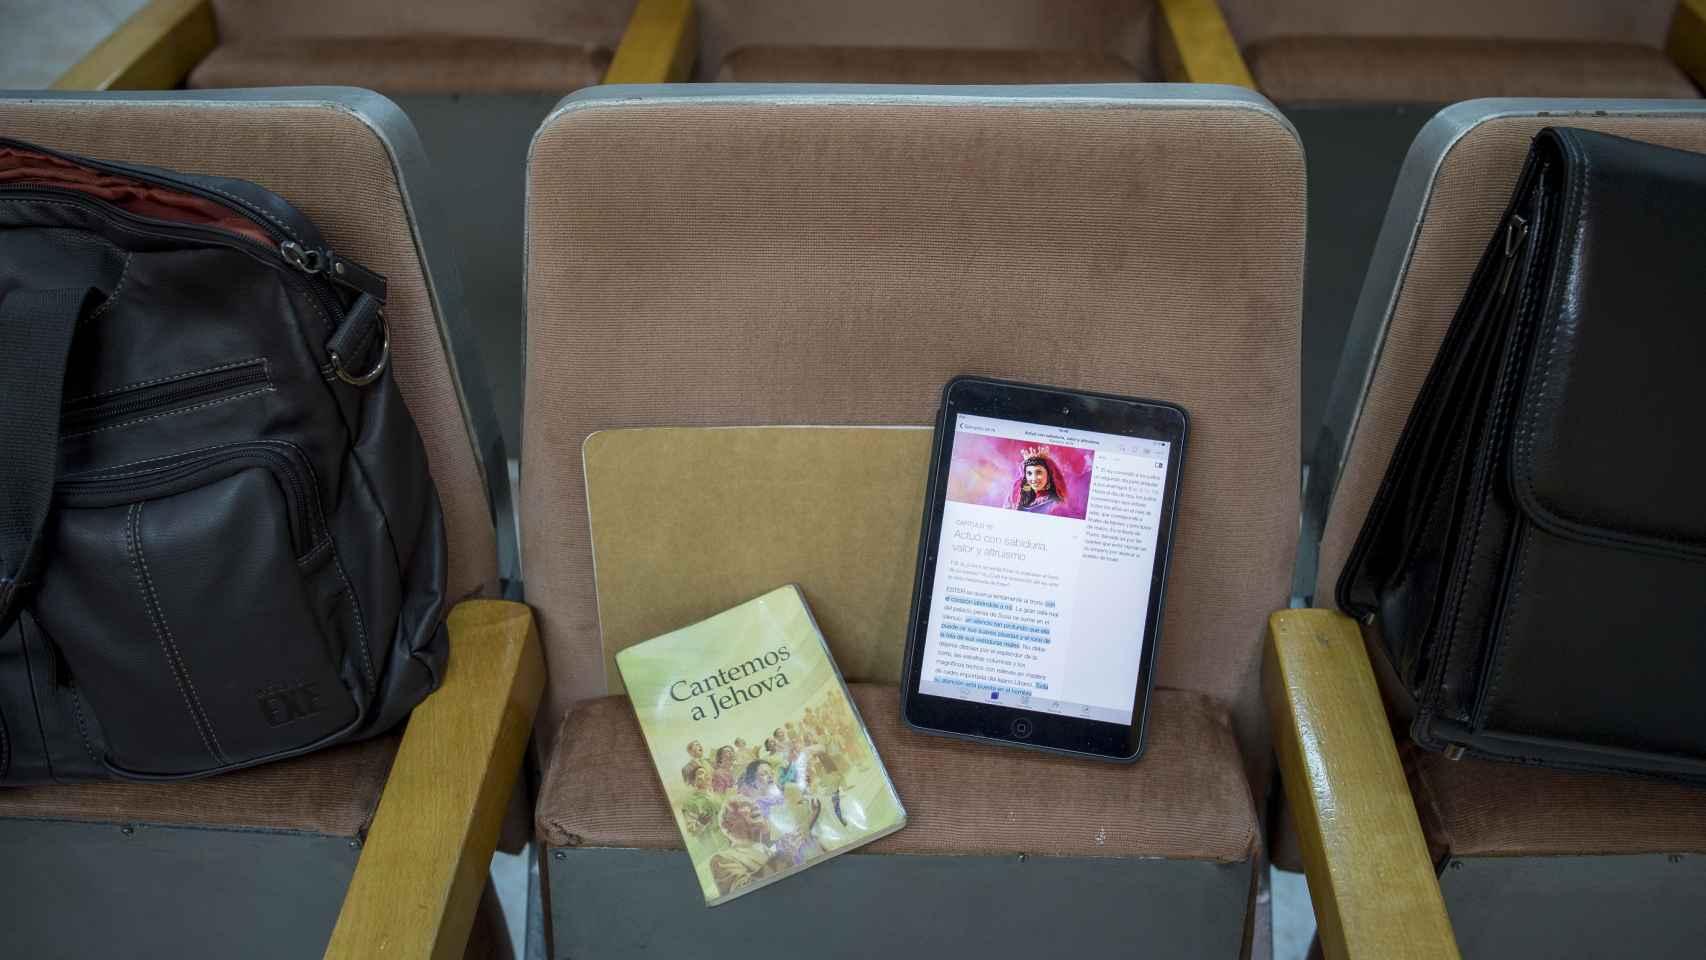 Las tablets y los libros que los testigos de Jehová emplean para el estudio de la Biblia.